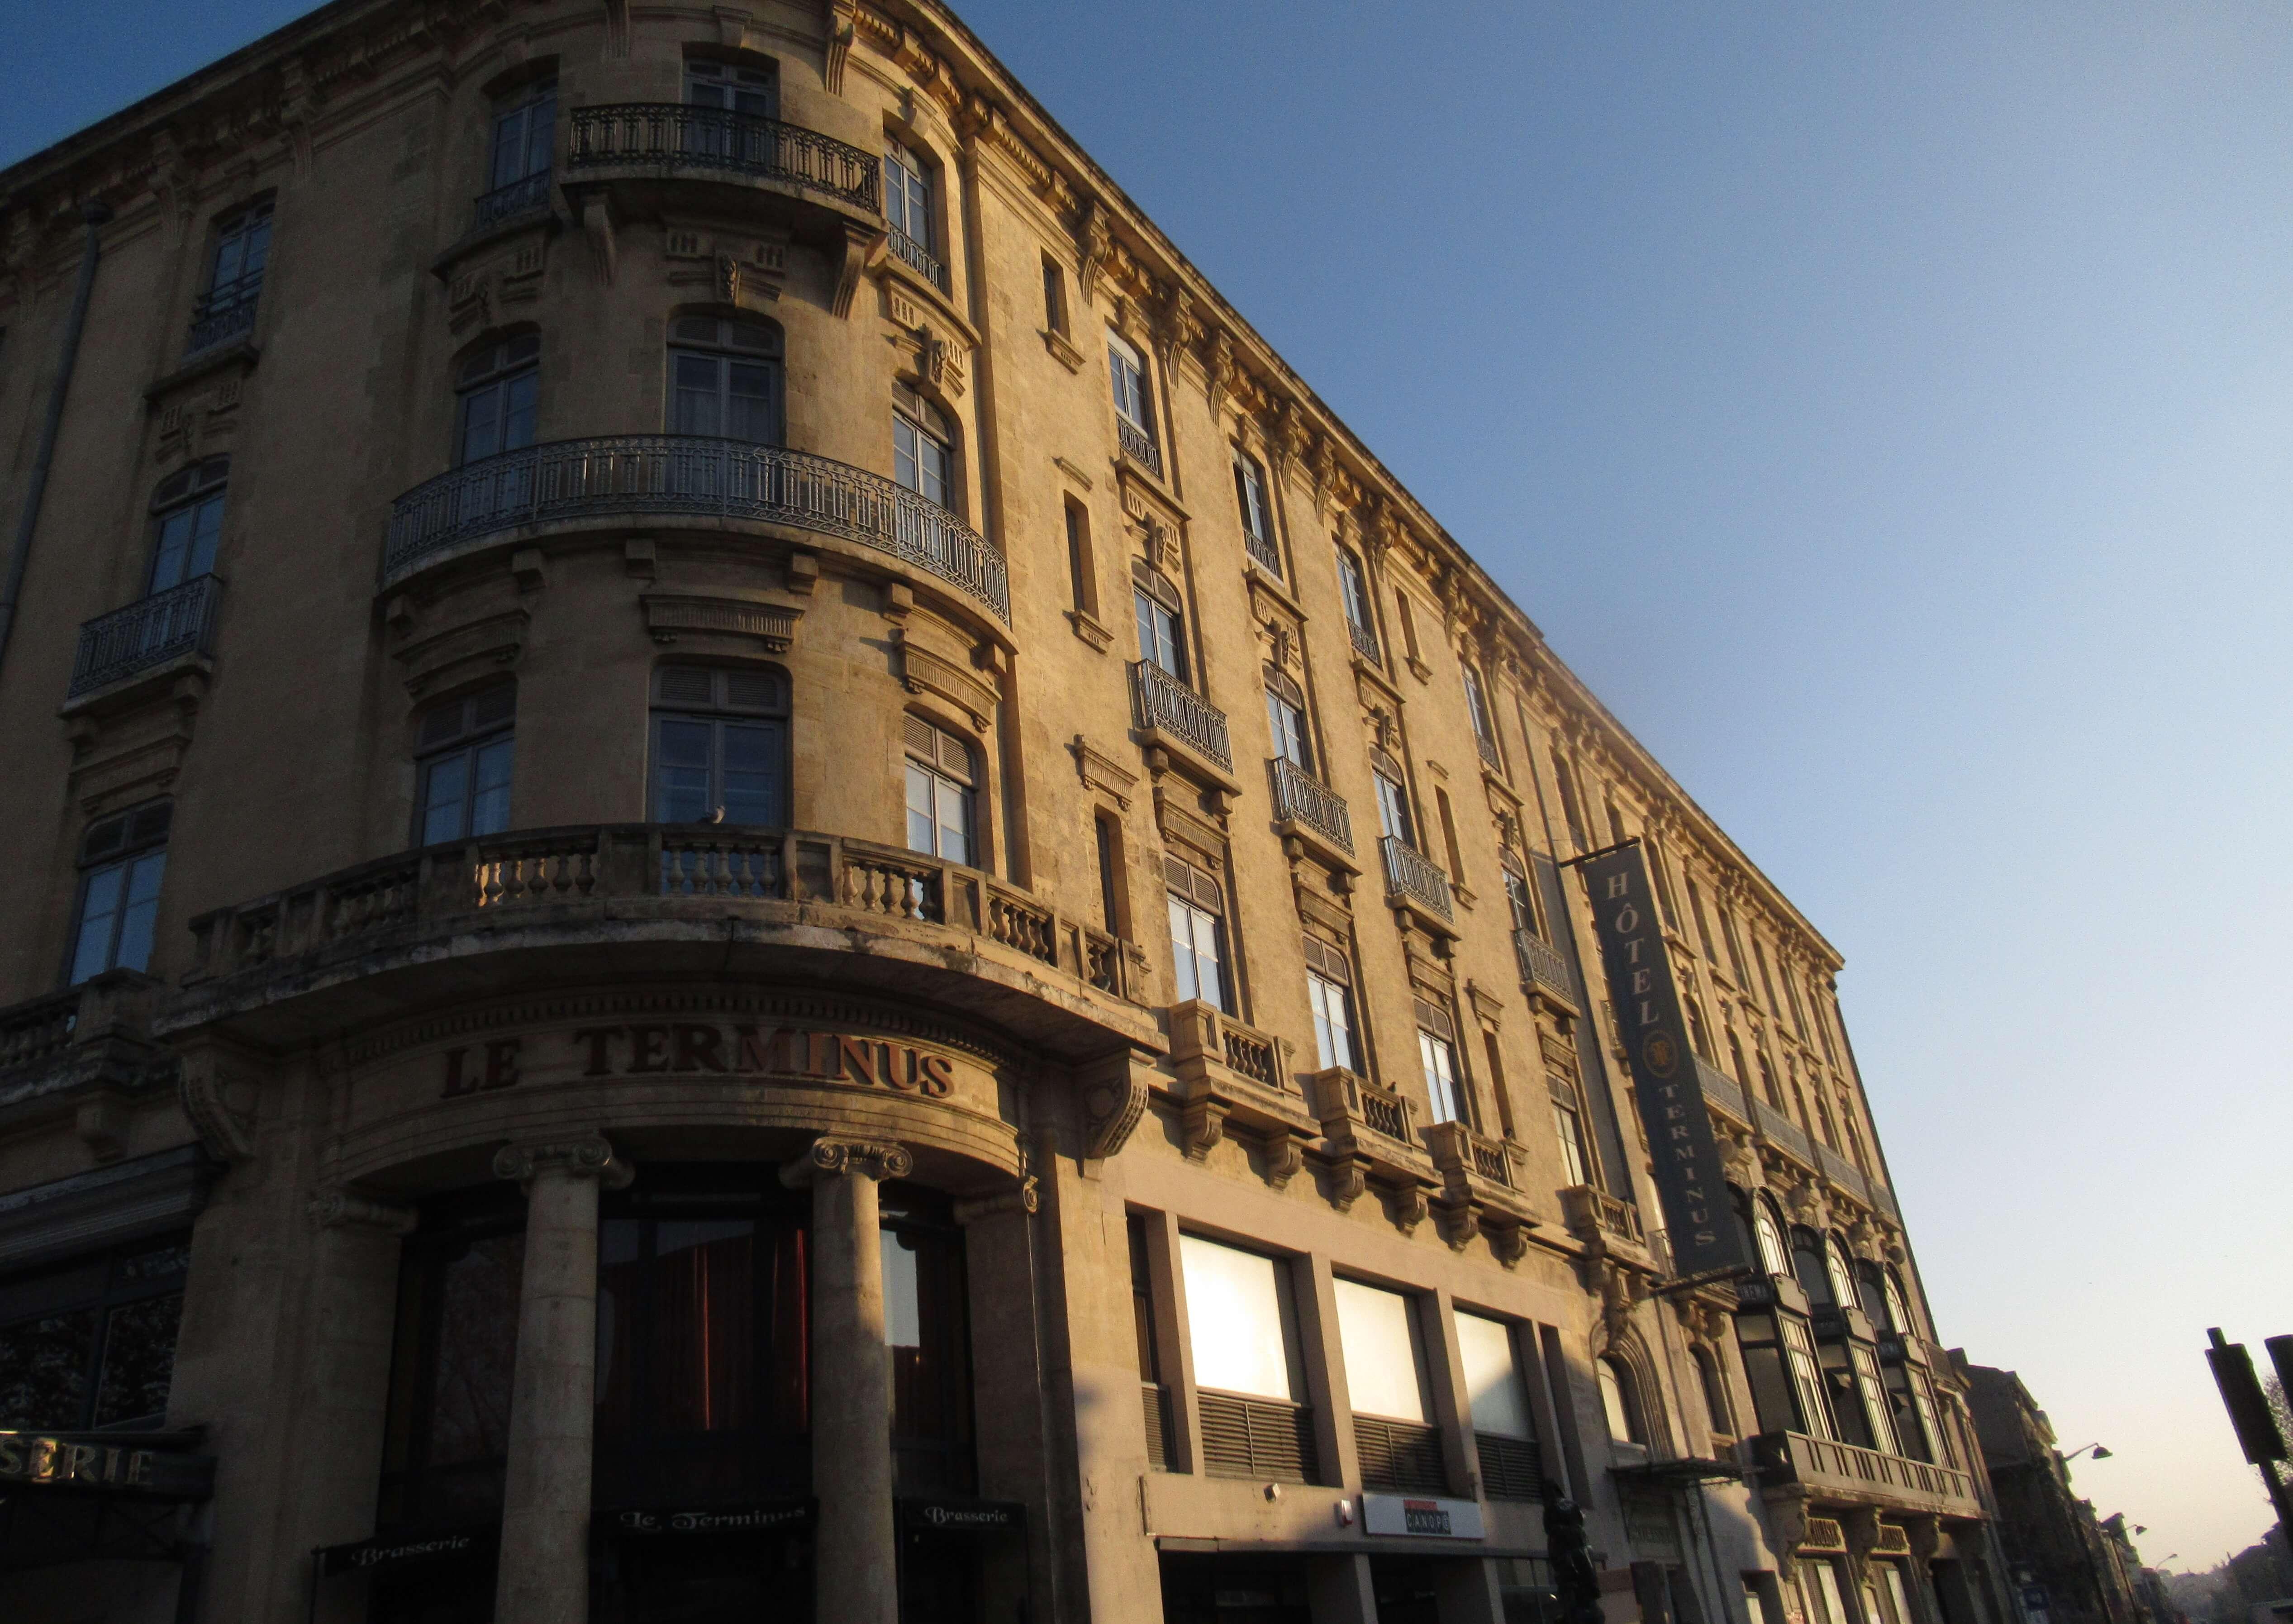 カルカソンヌ駅極近ホテル利点極多|ソレイユ・ル・テルミニュス